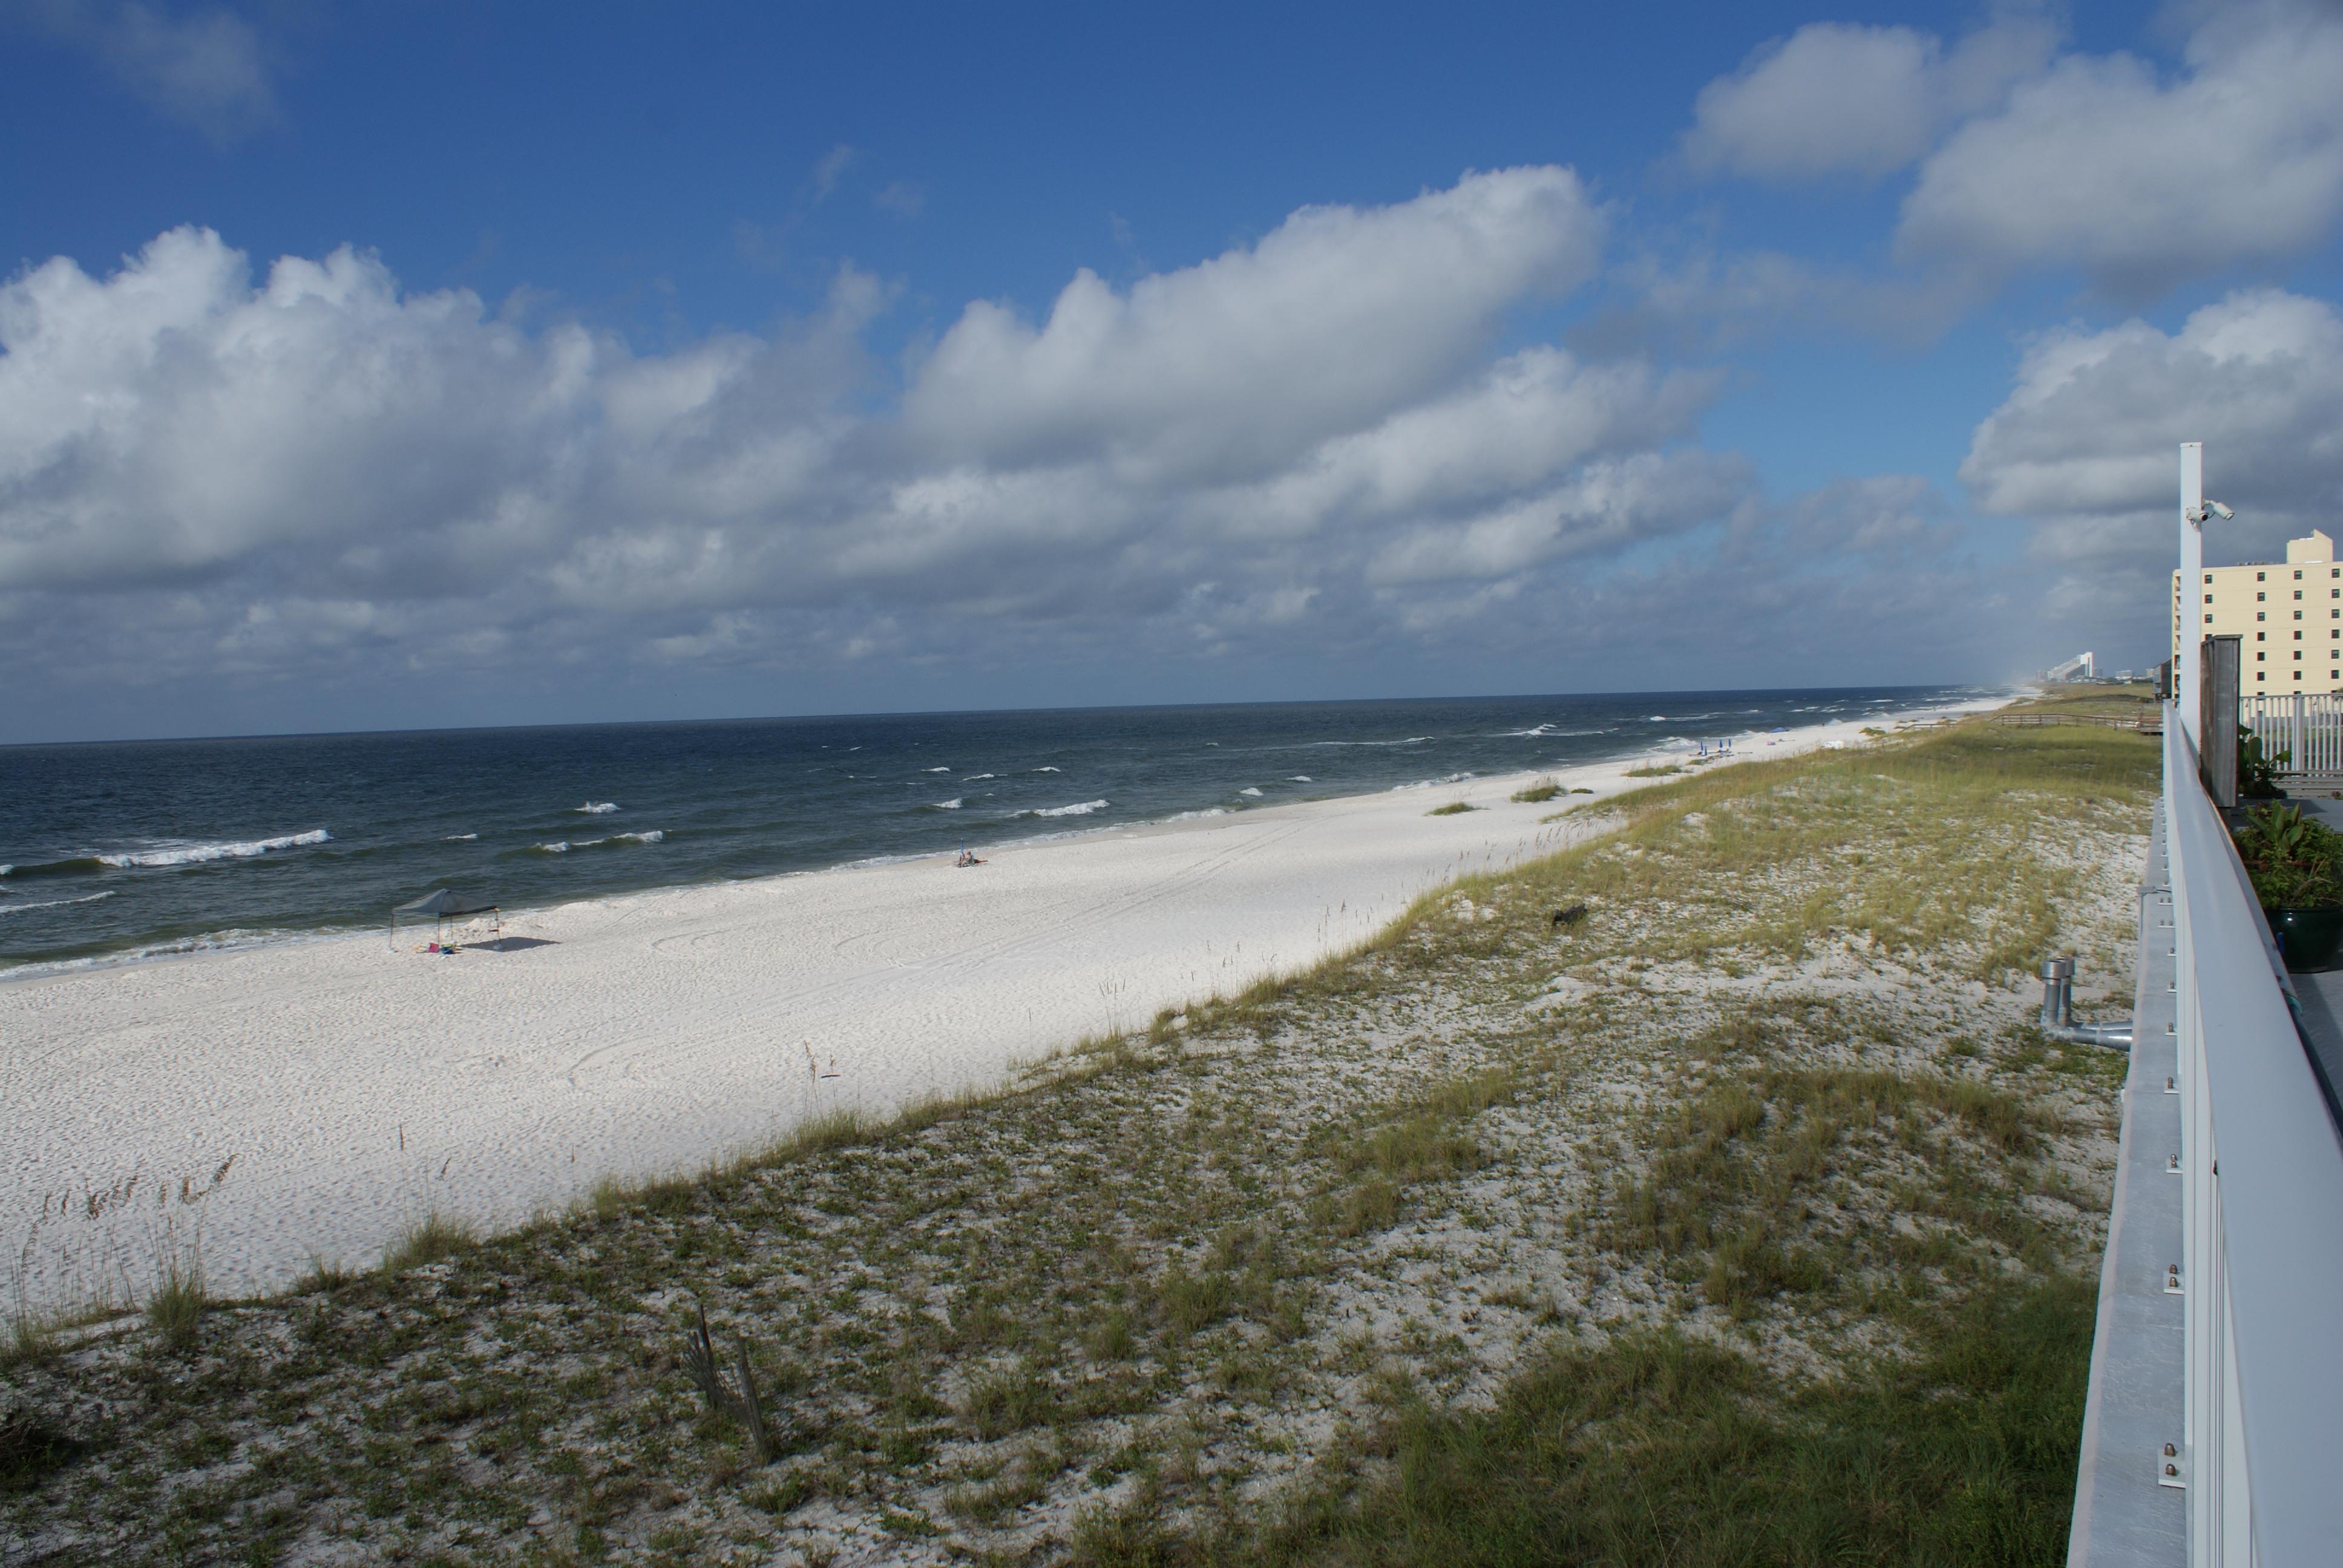 Beach looking West